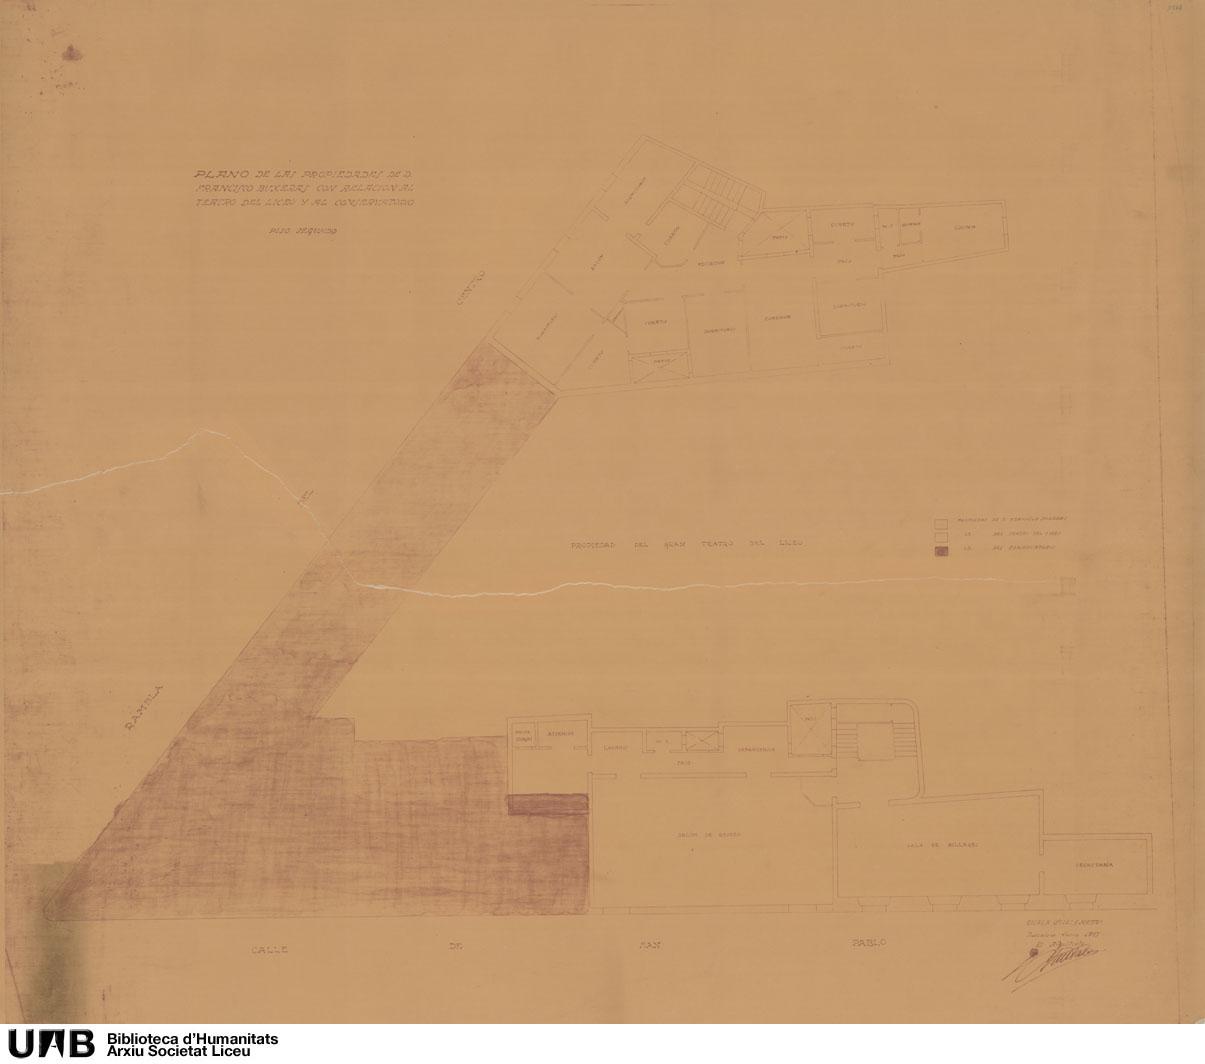 Plano de las propiedades de Francisco Buxeras con relación al Teatro del Liceo y al Conservatorio